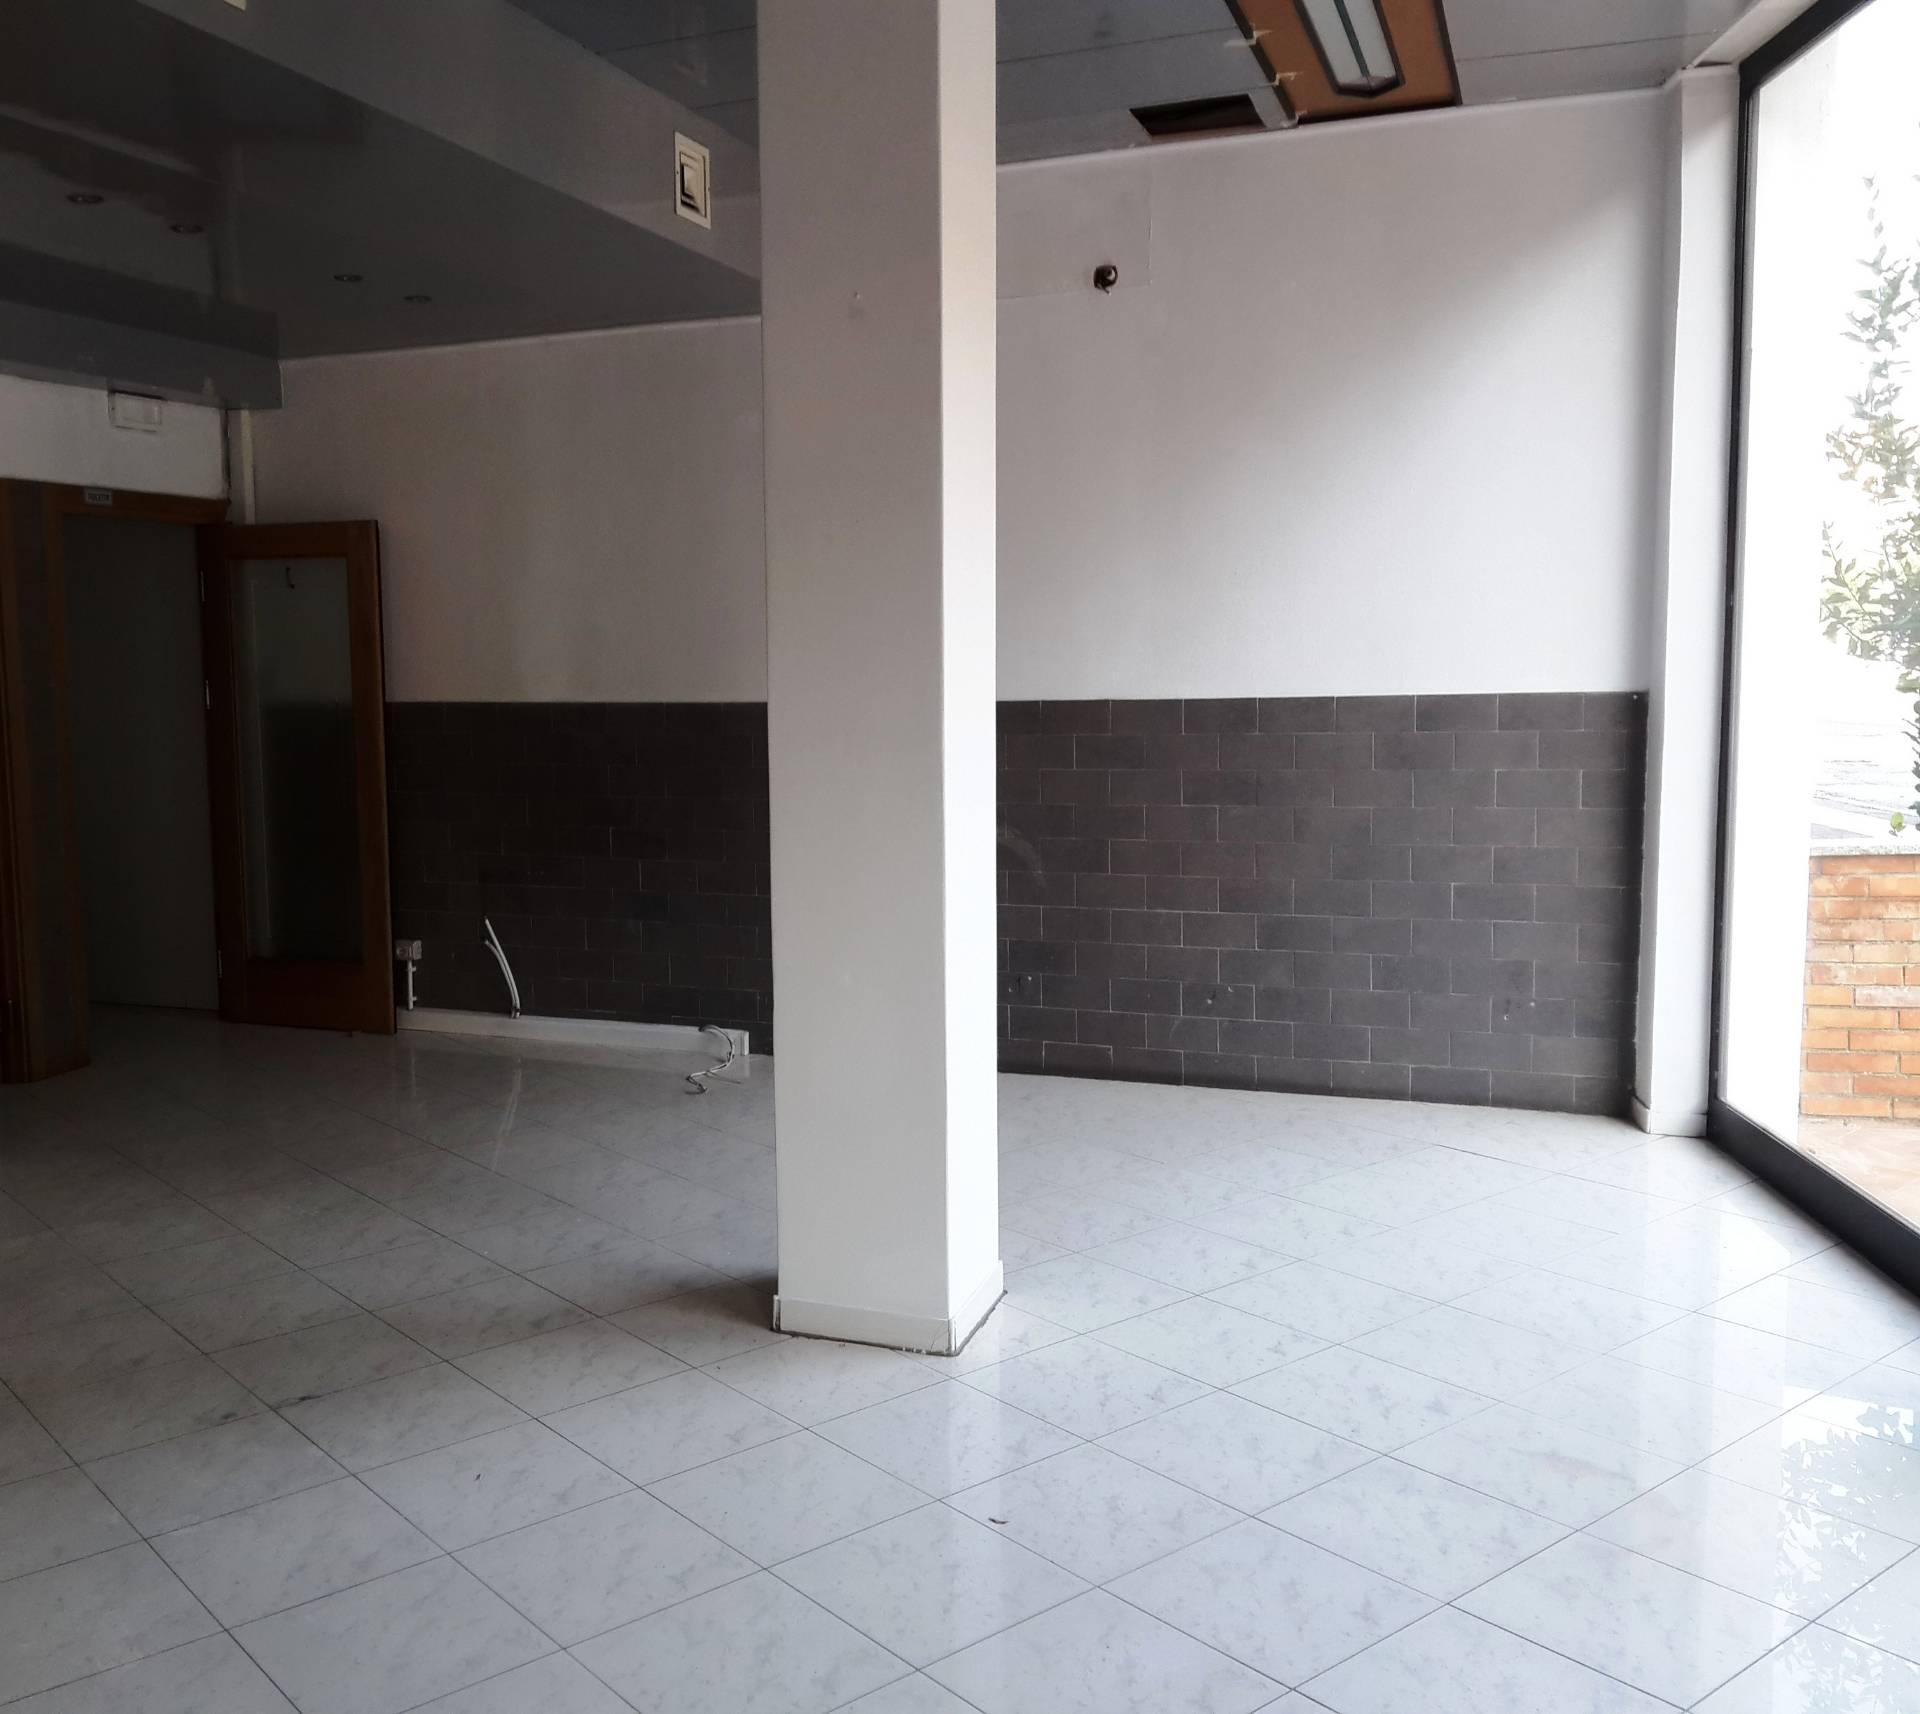 Negozio / Locale in affitto a Treviso, 9999 locali, zona Località: Fiera, prezzo € 130.000 | CambioCasa.it